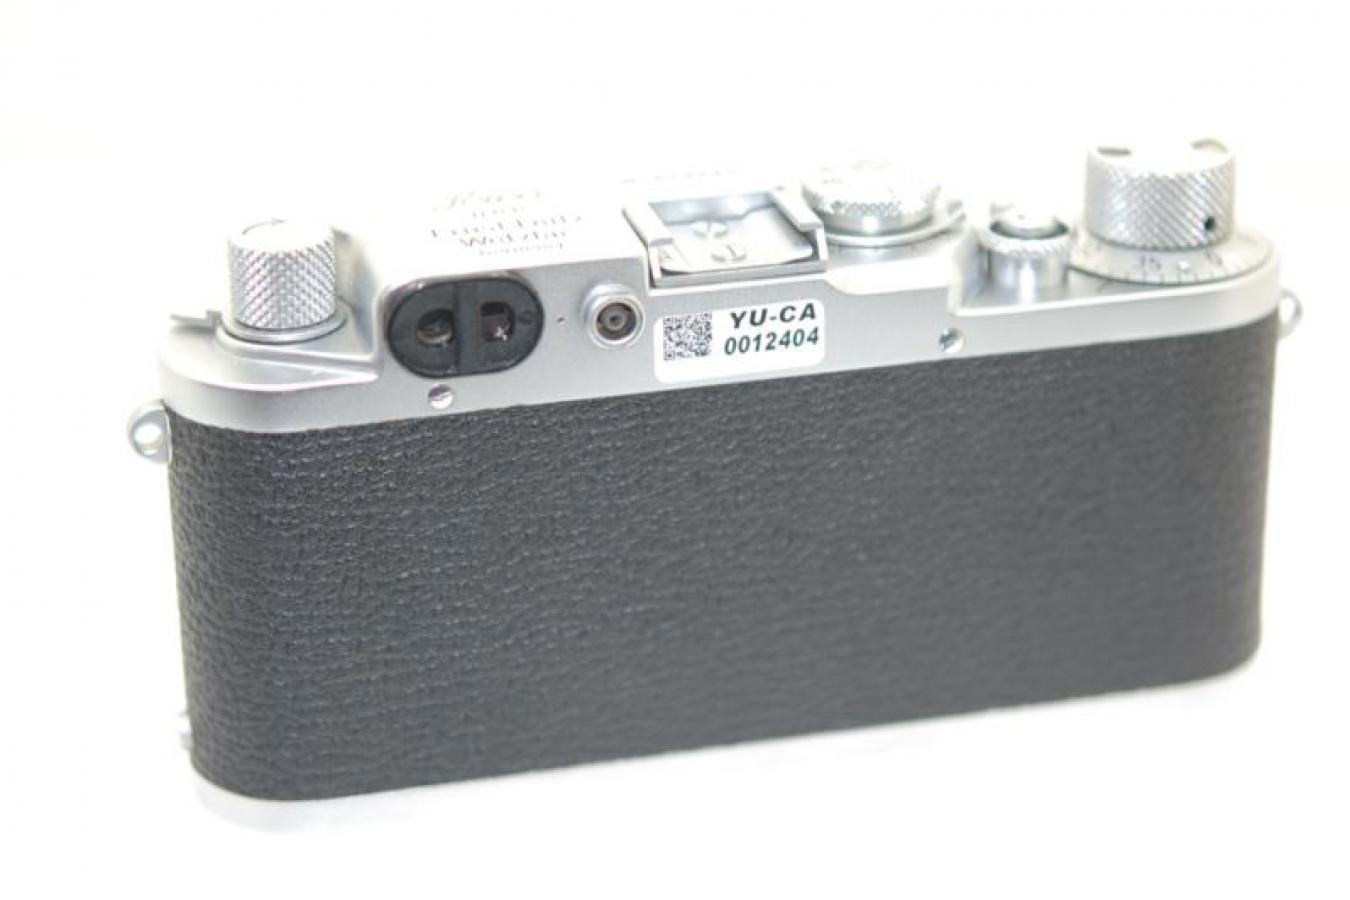 ライカ IIf 57万台 ブラックシンクロ 1951年製